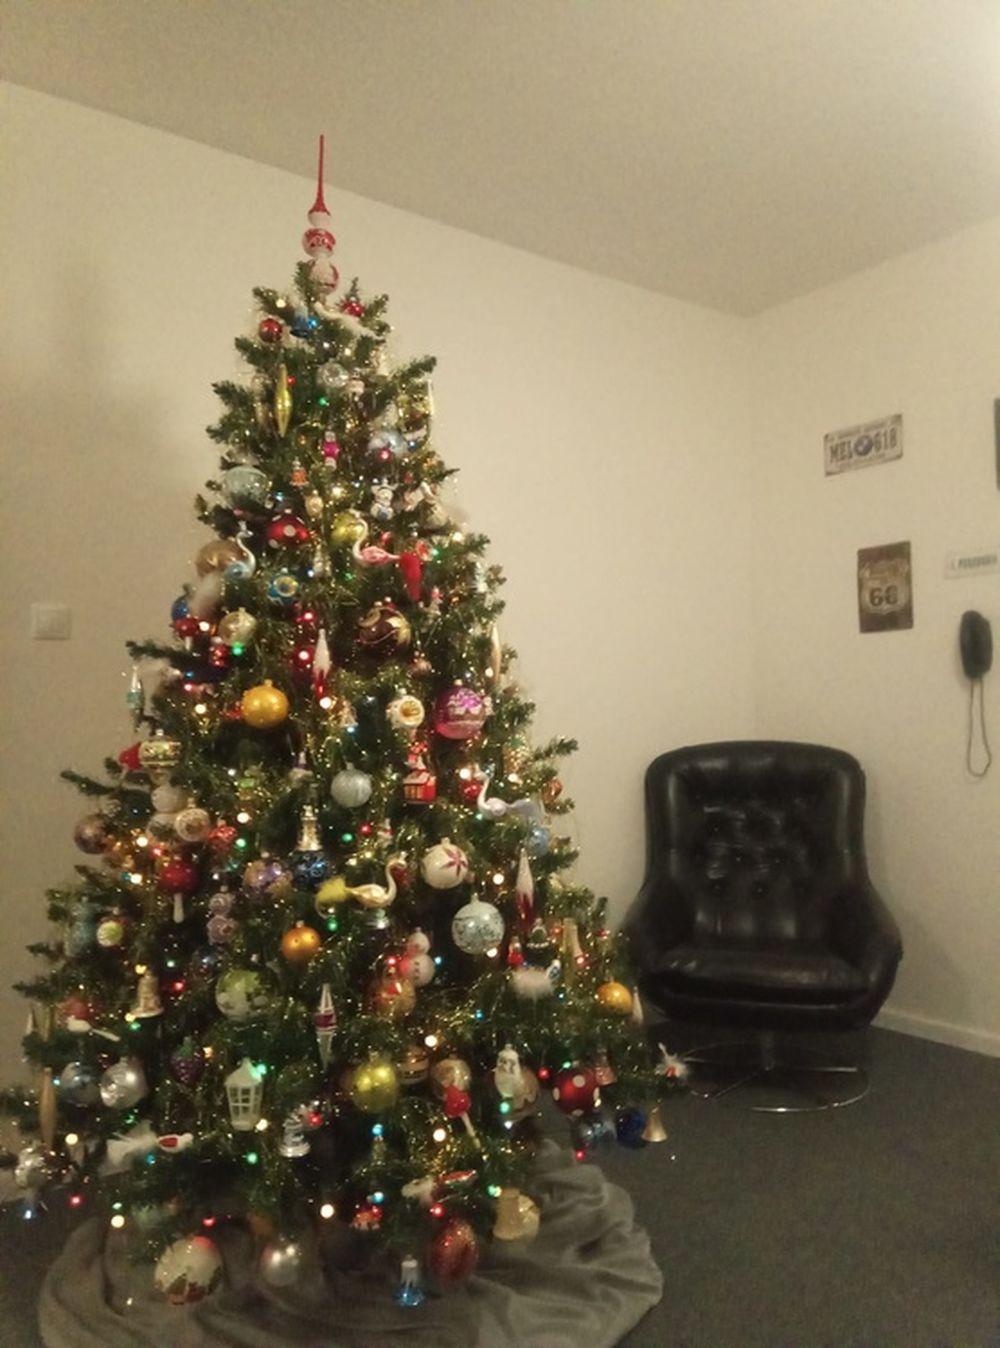 FOTO: Vianočné stromčeky v Žiline - výber fotografií našich čitateľov, foto 3